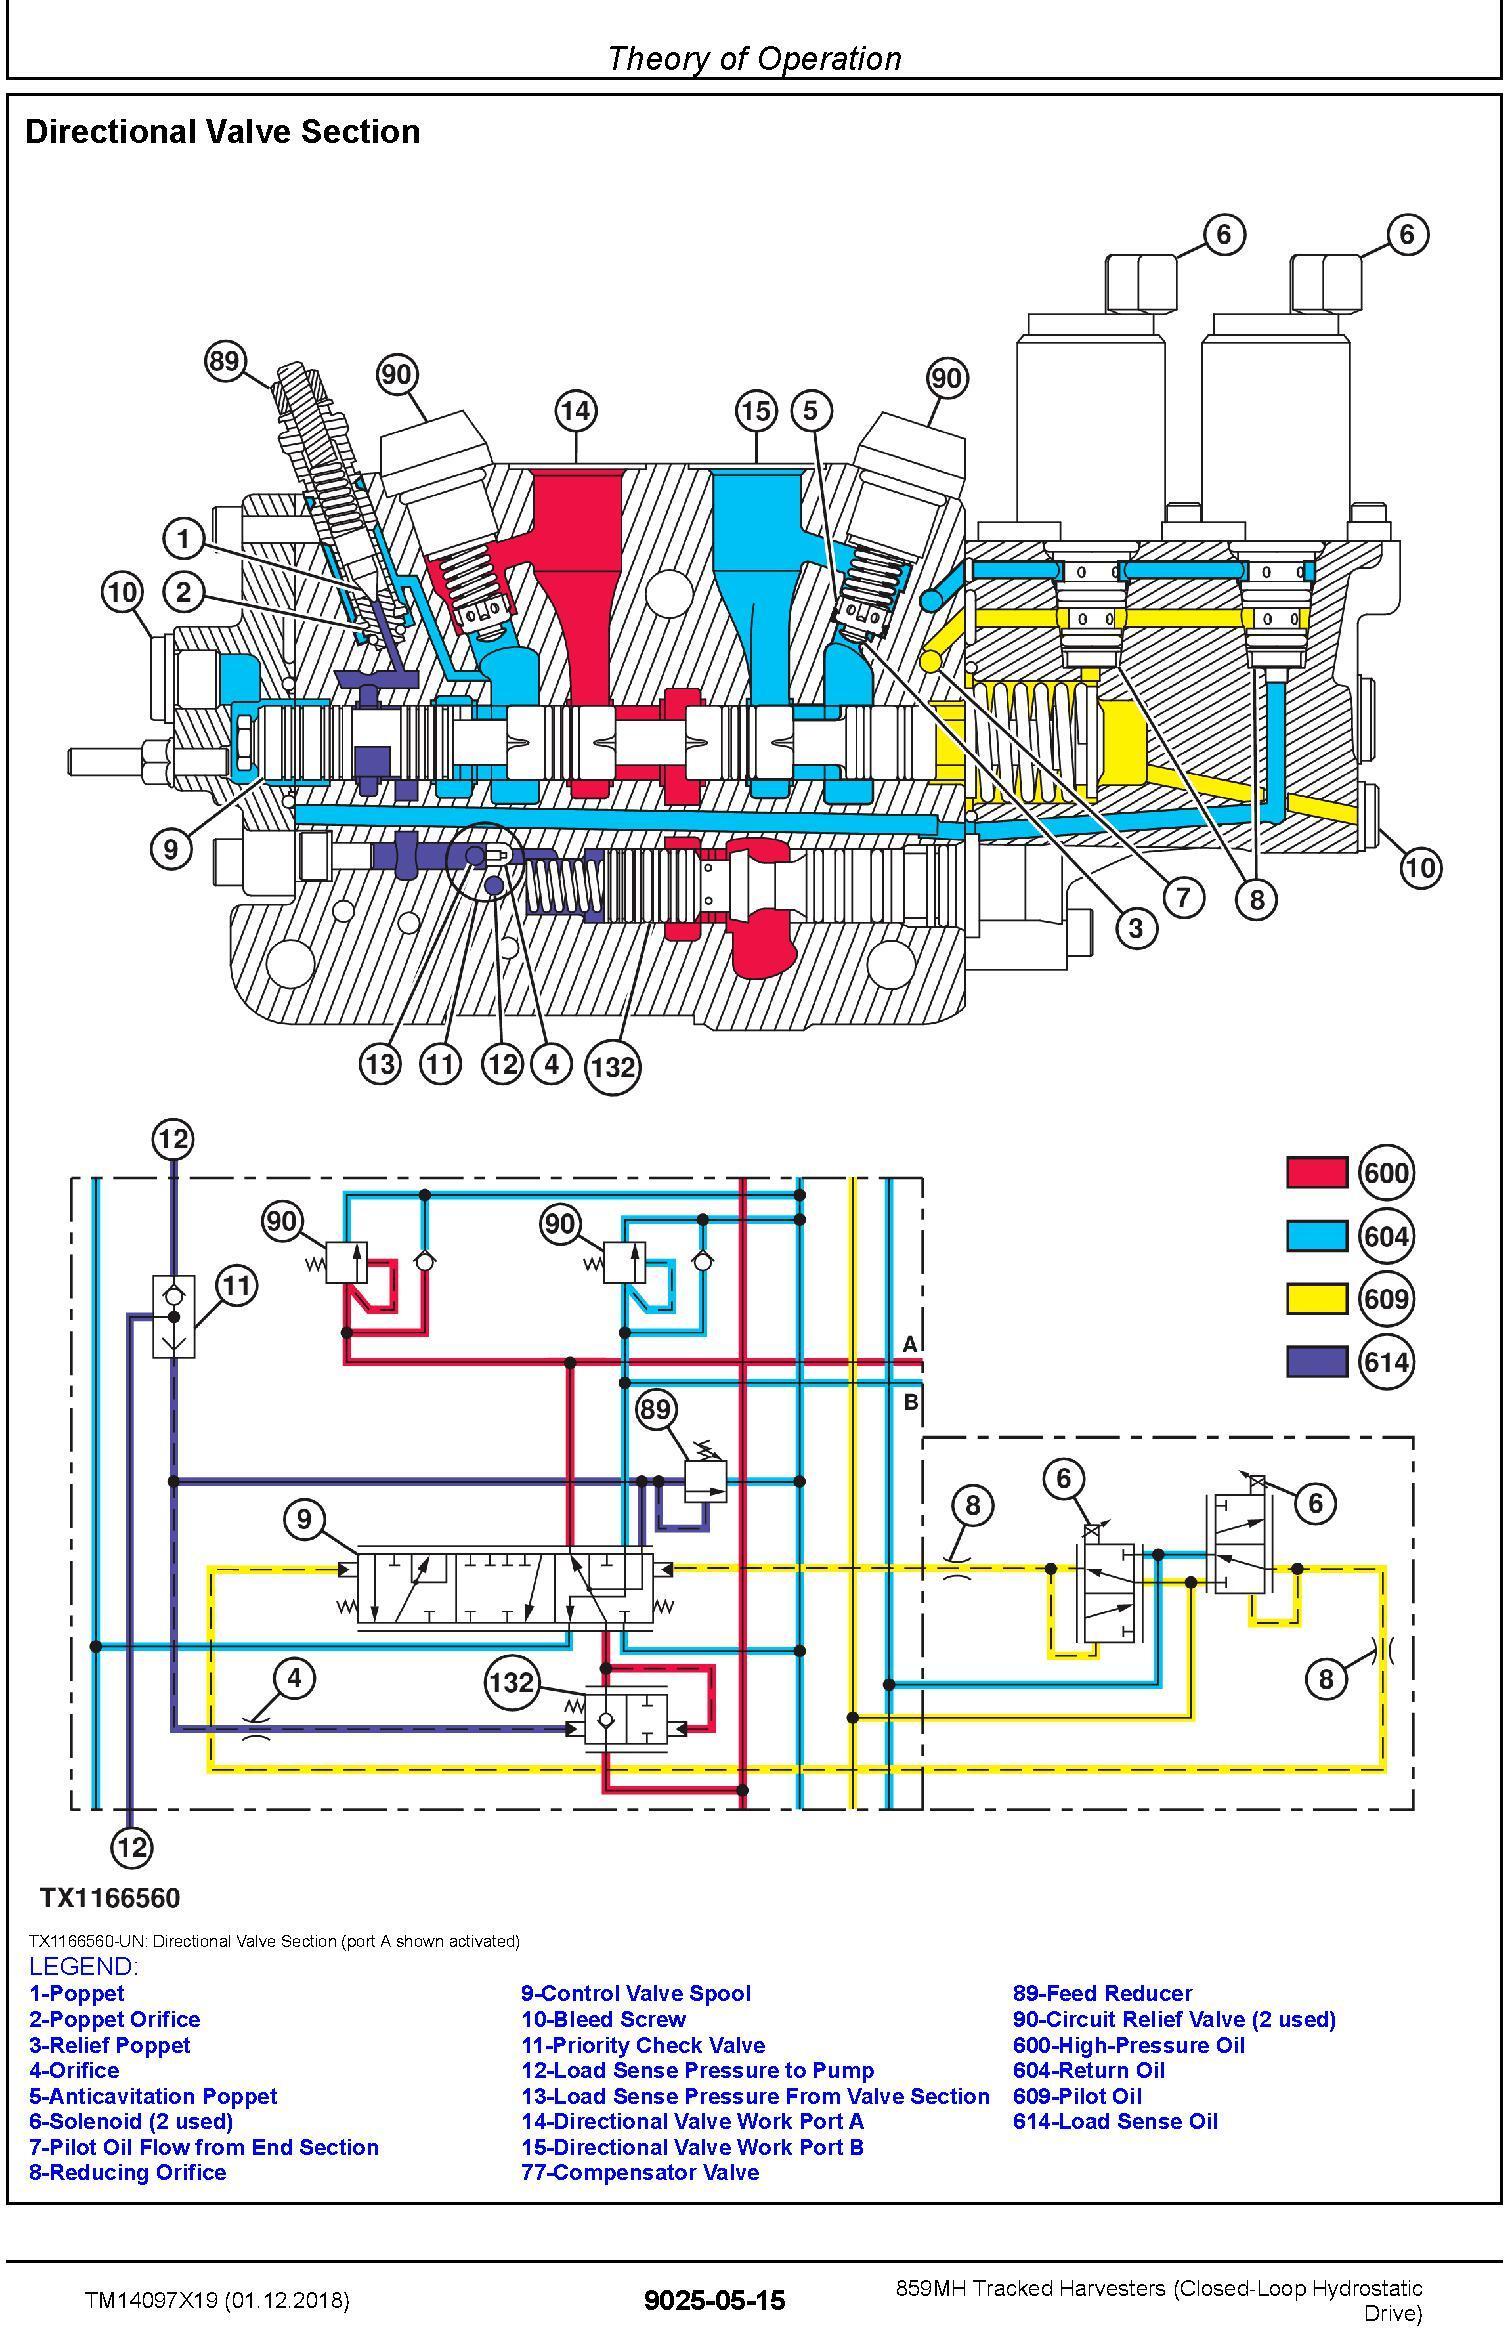 John Deere 859MH (SN. F293917-, L343918-) Harvesters (Closed-Loop) Diagnostic Manual (TM14097X19) - 2